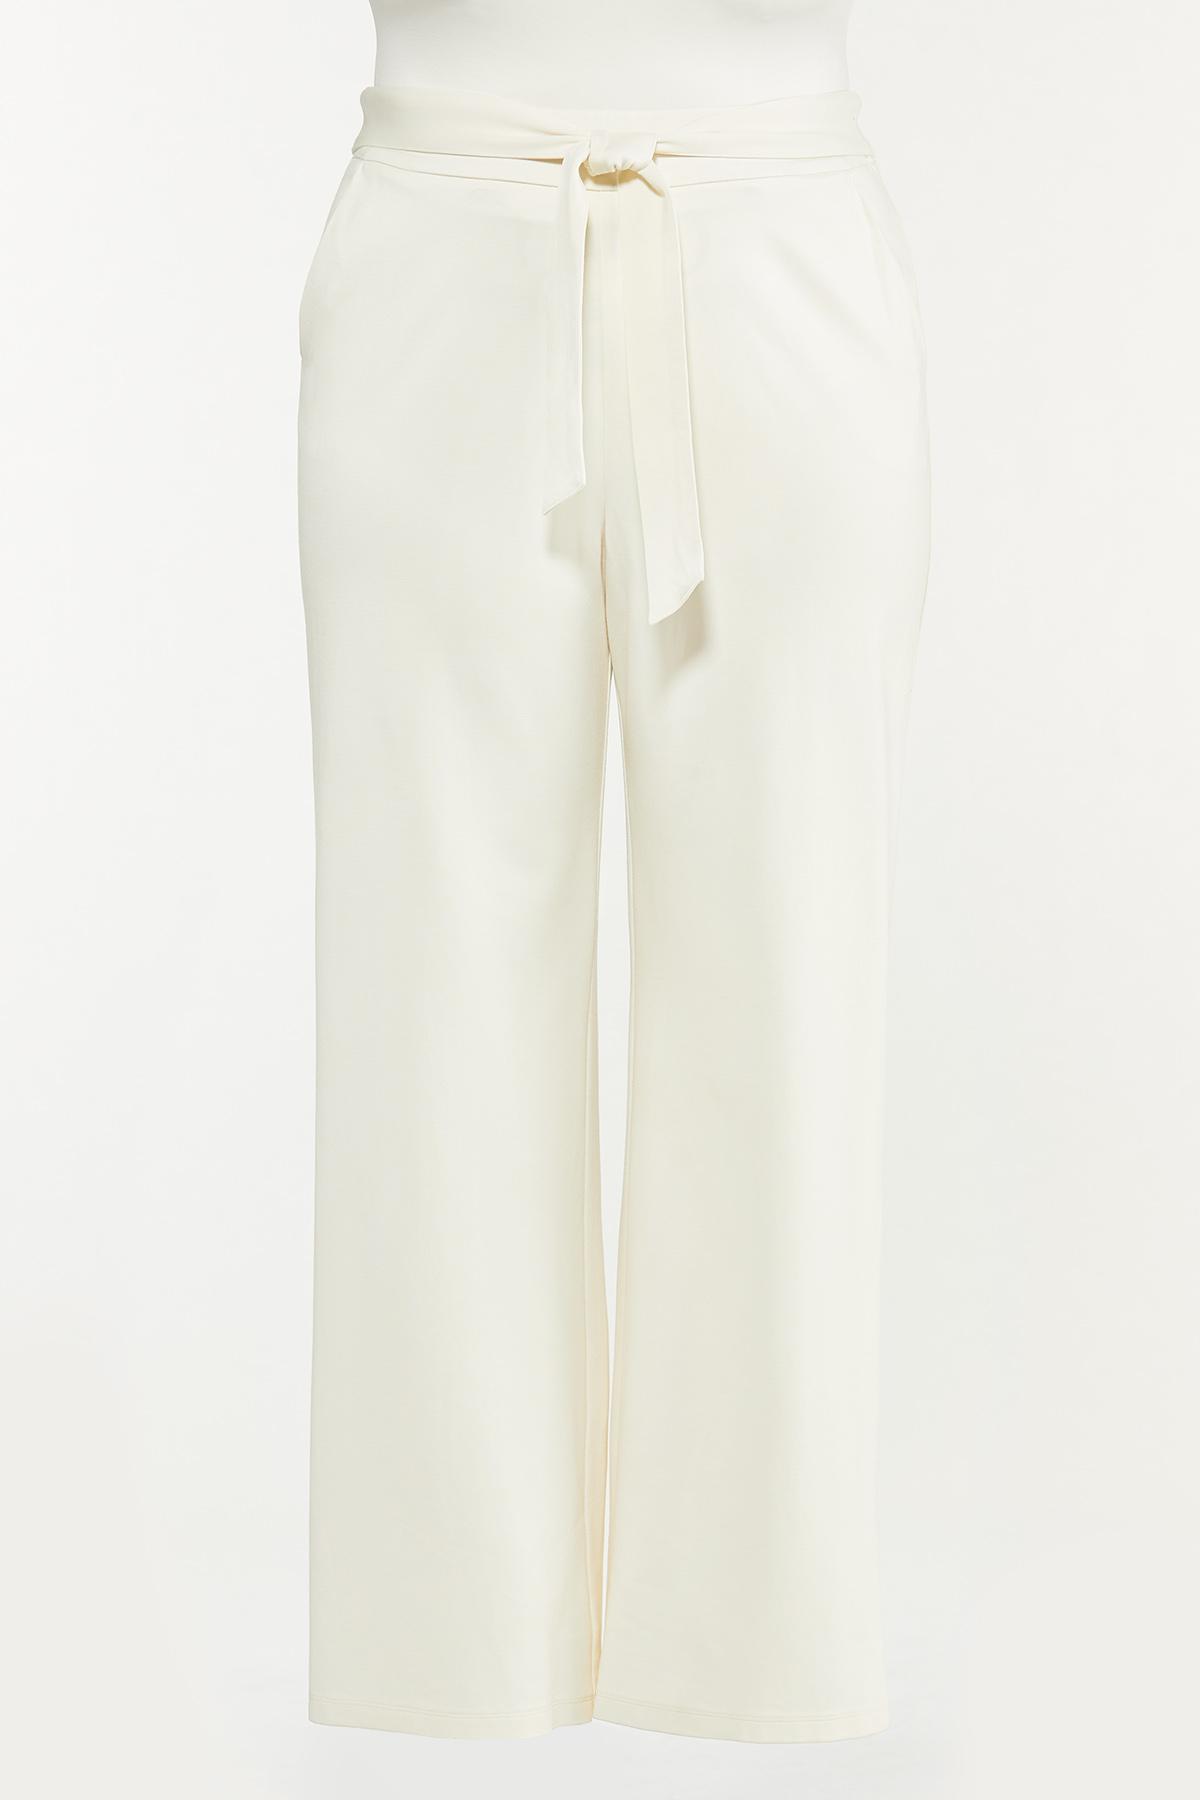 Plus Petite Tie Waist Ponte Pants